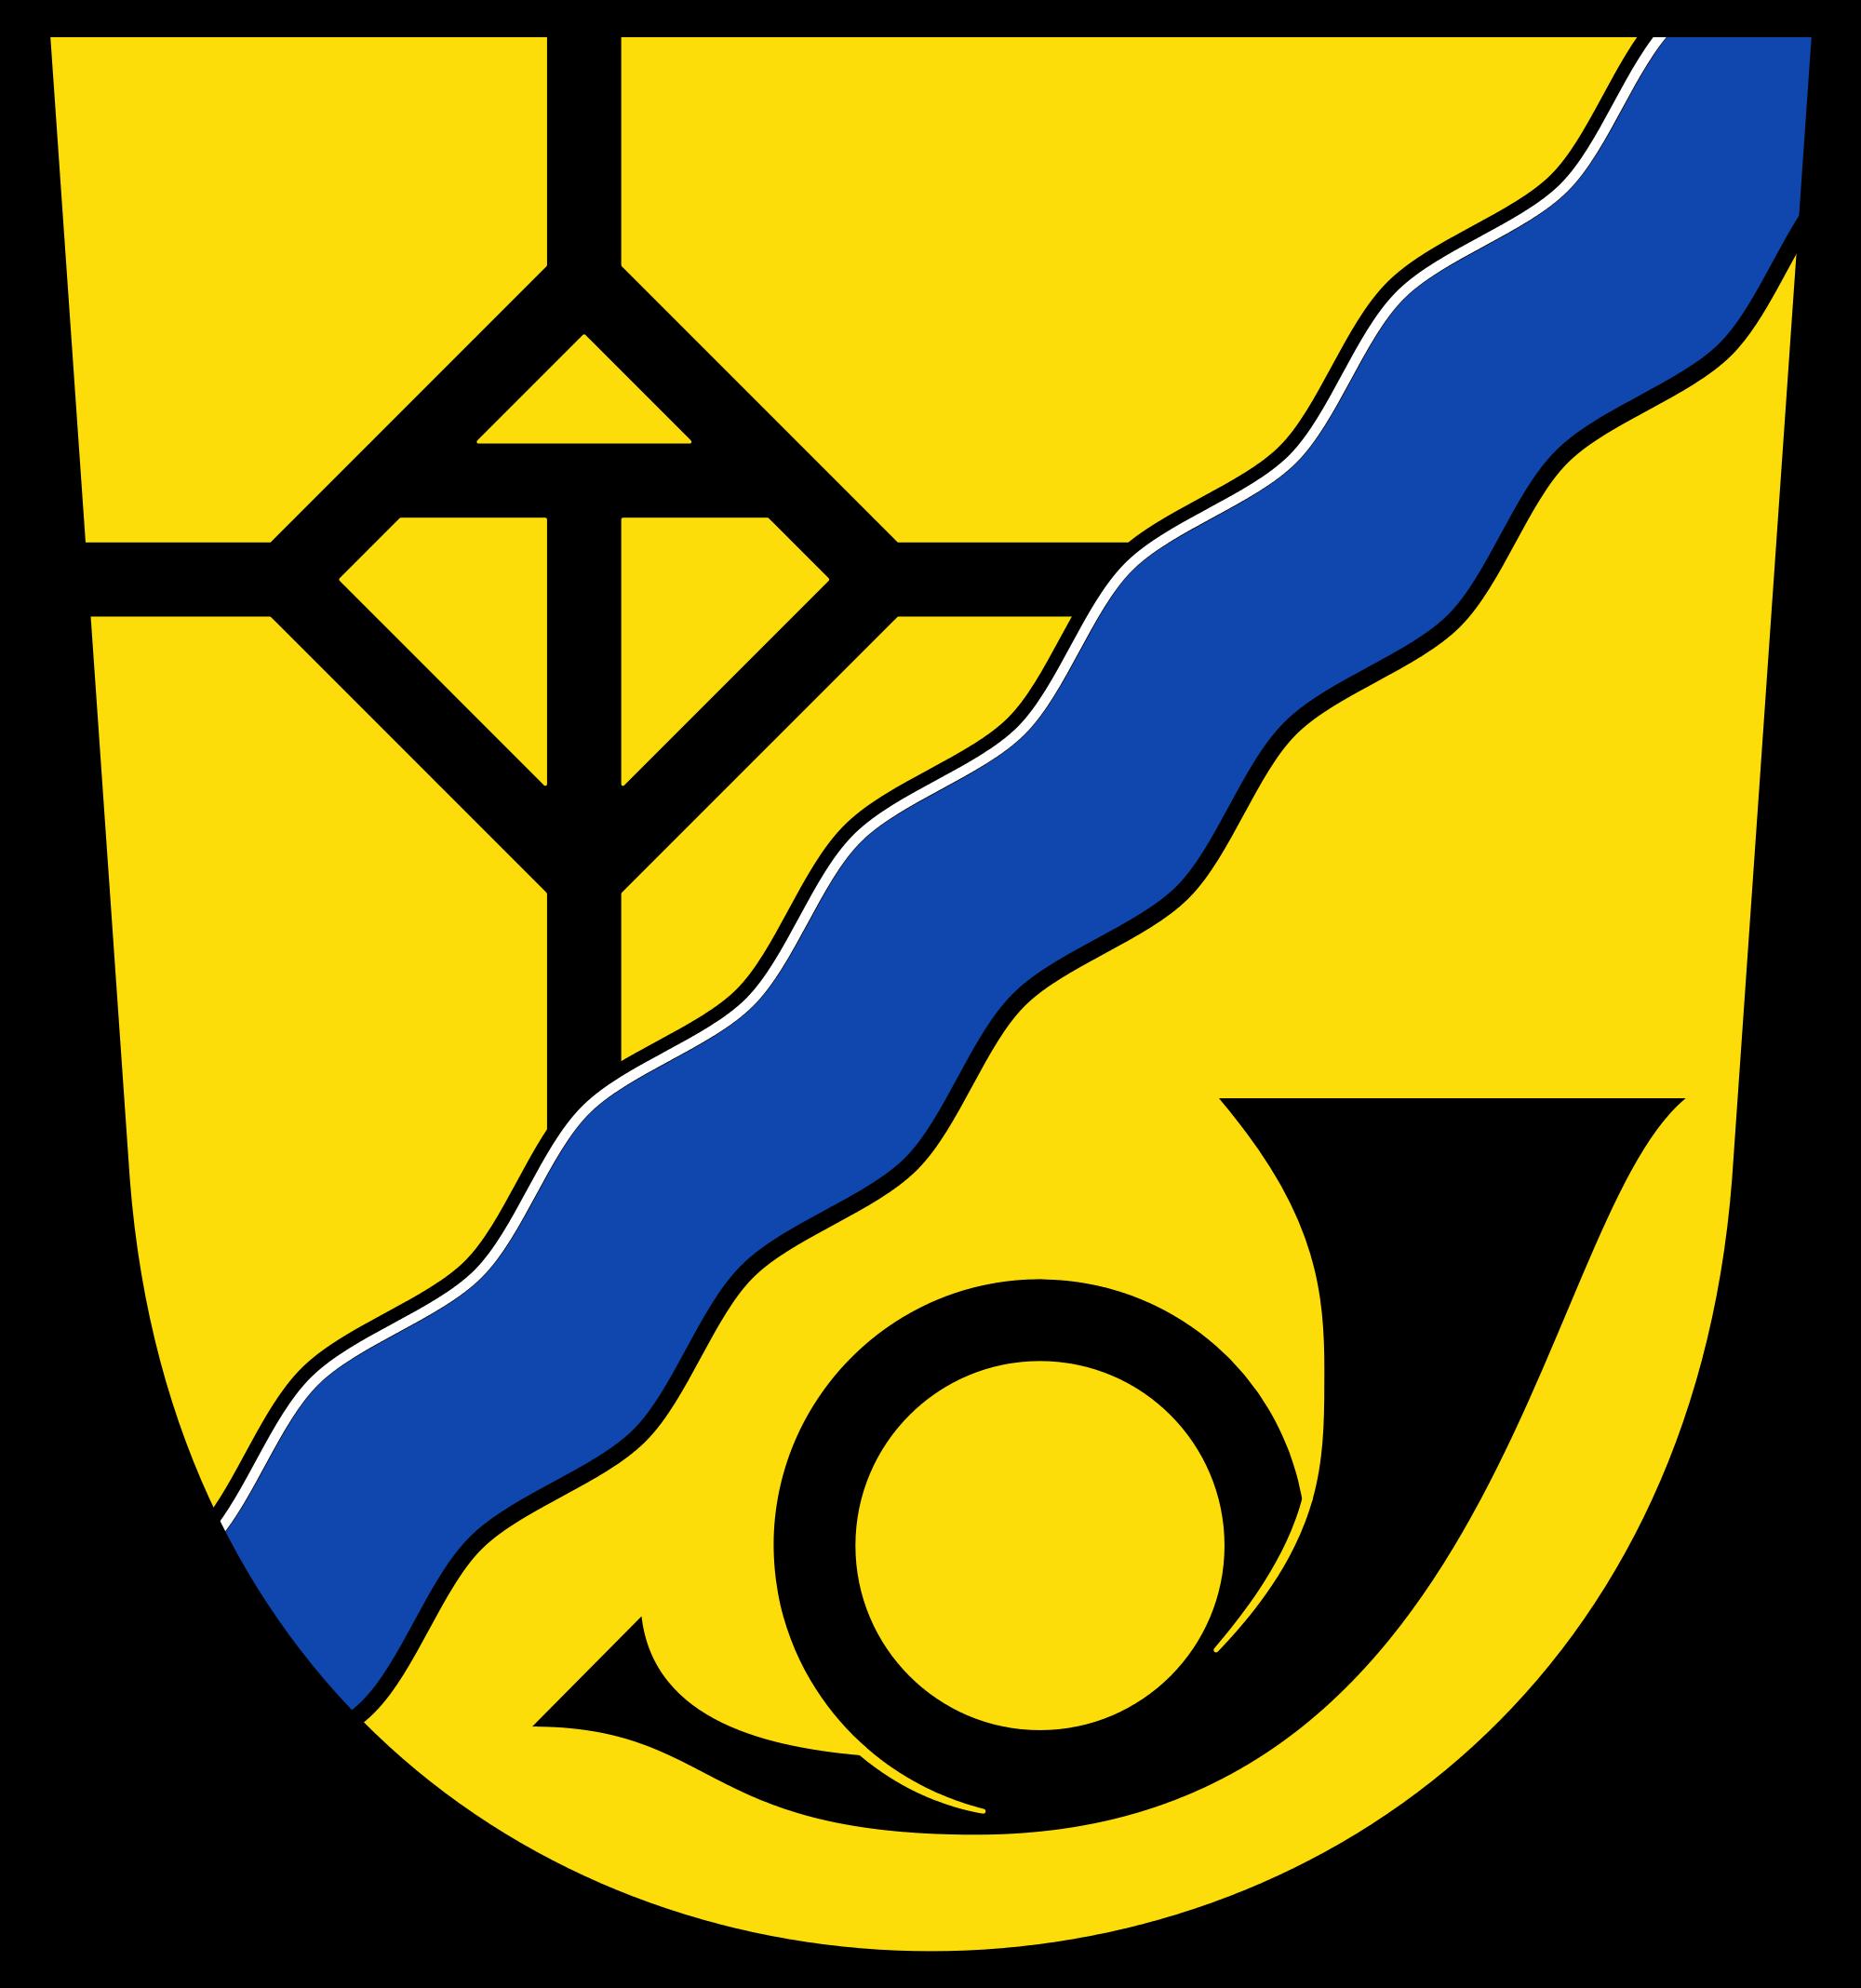 File:Wappen Dettingen (Karlstein).svg.